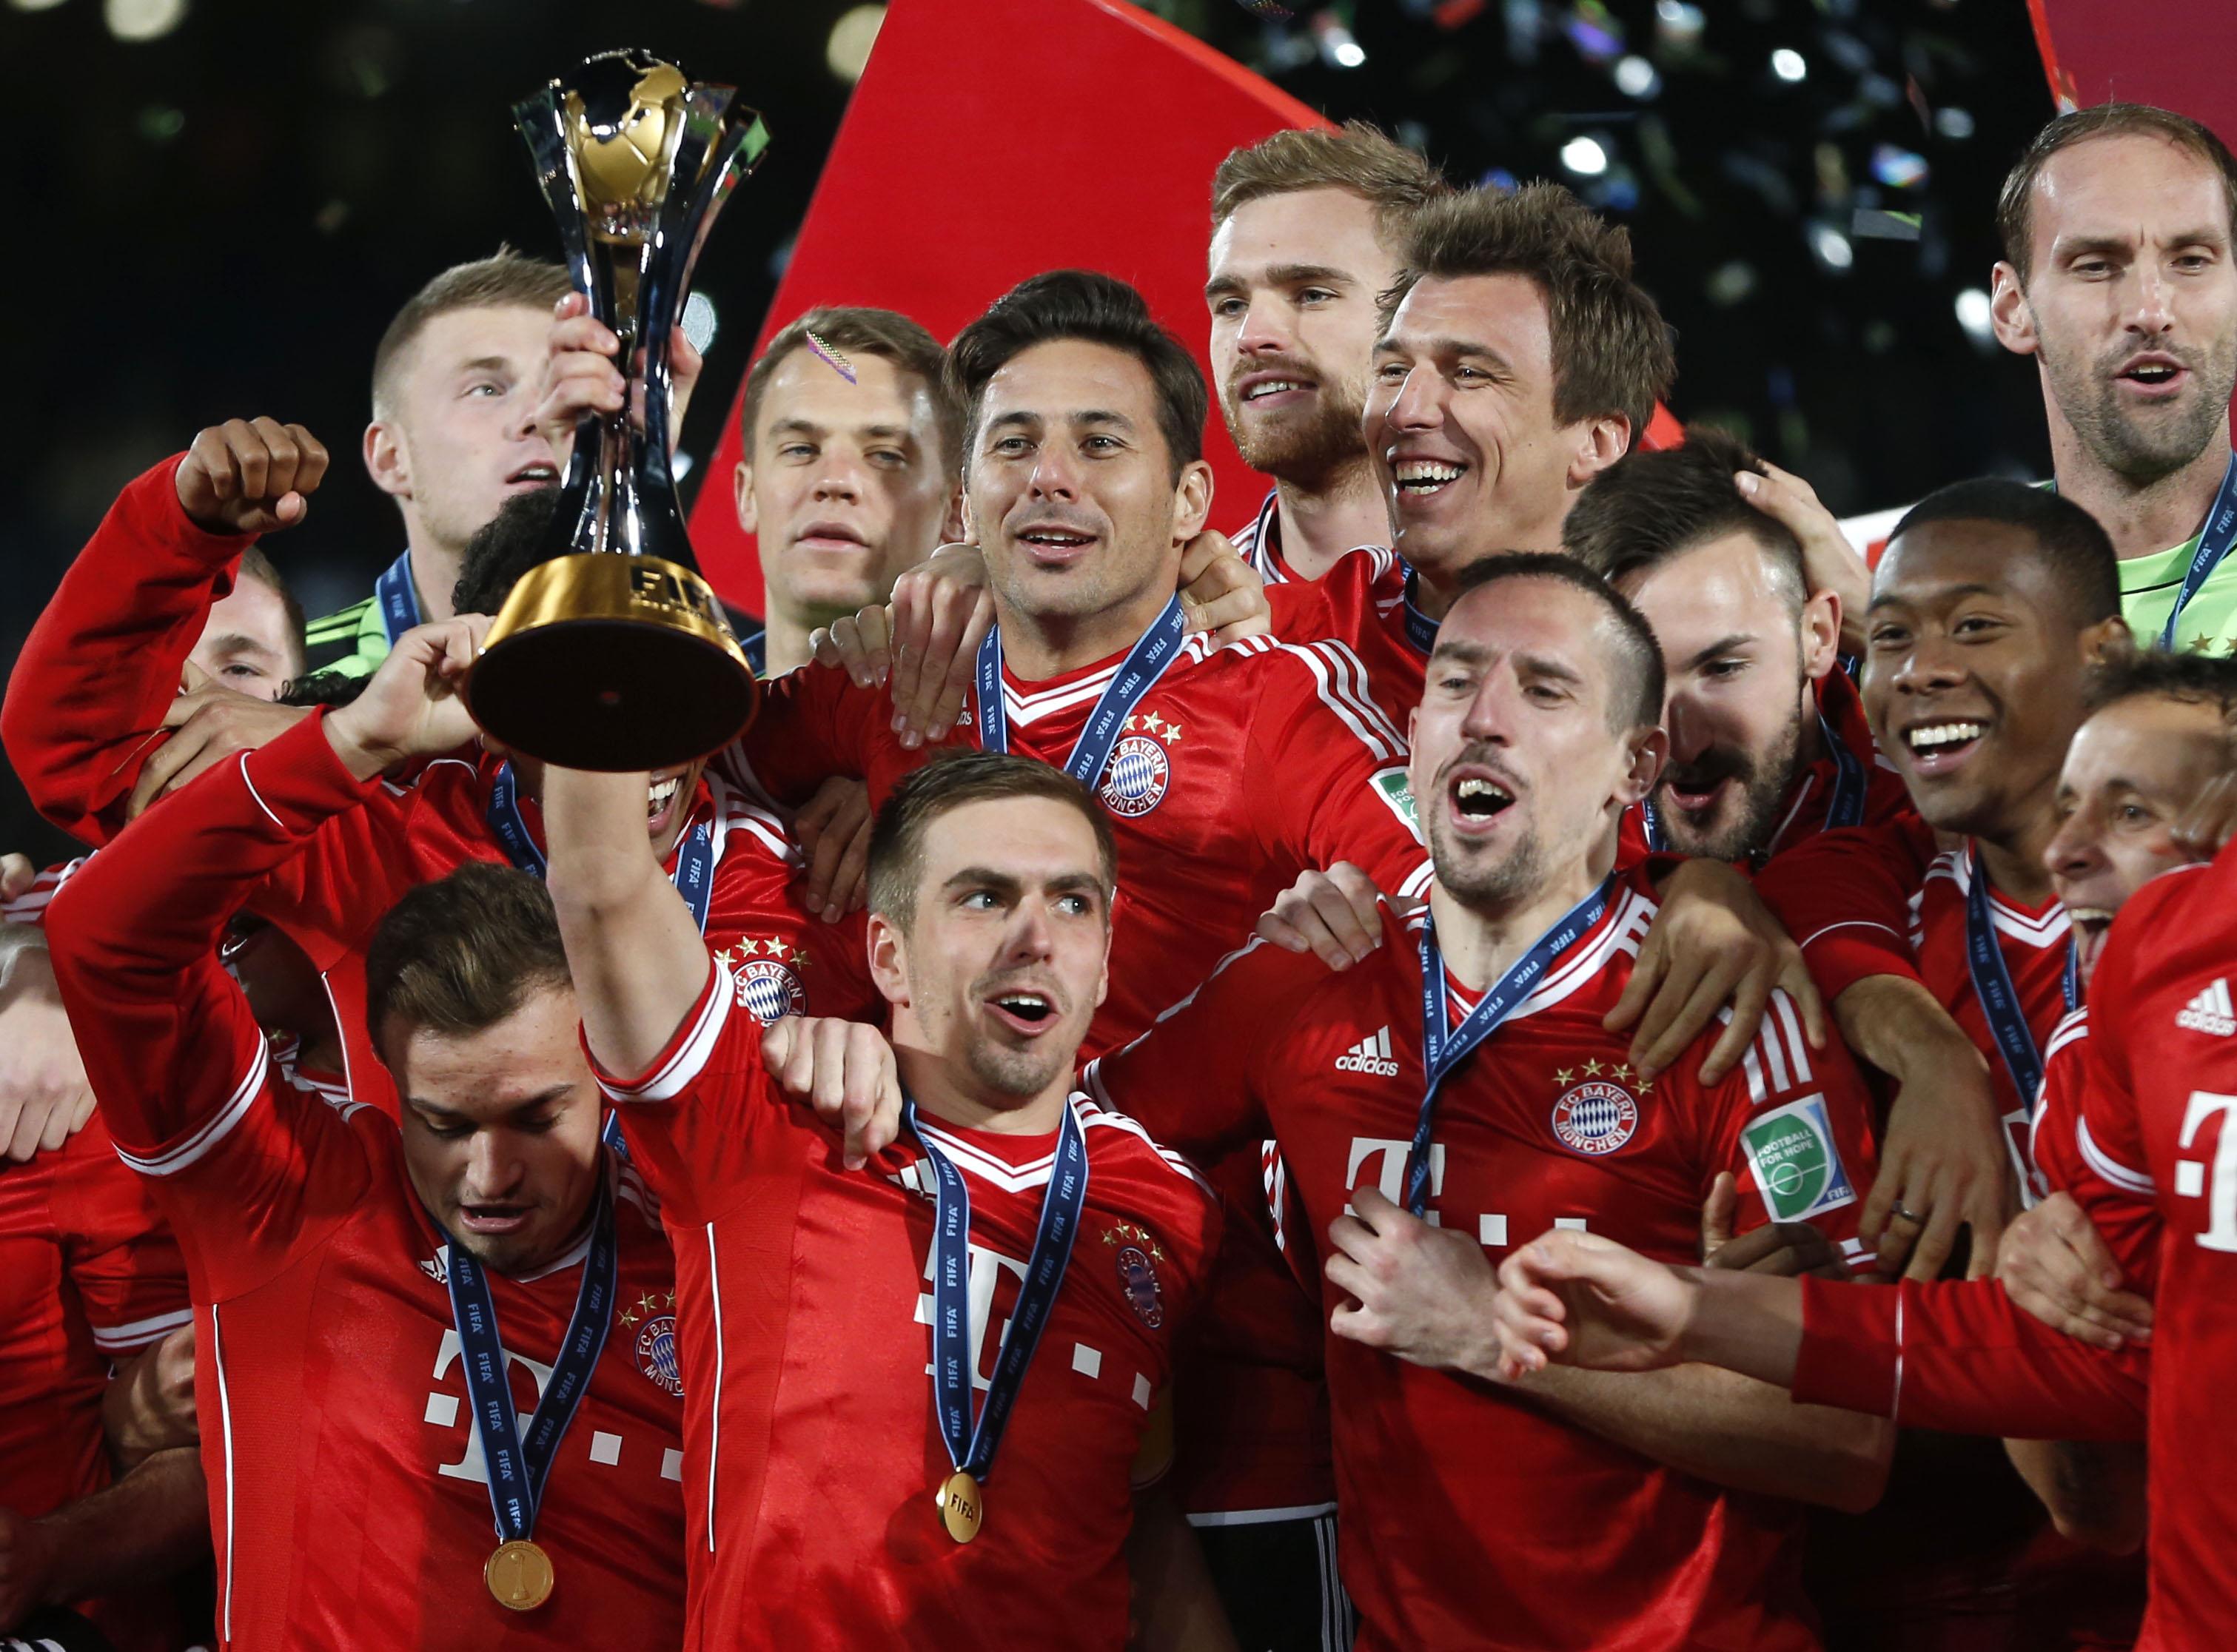 Бавария в 2013 году заработала около 125 миллионов евро призовых